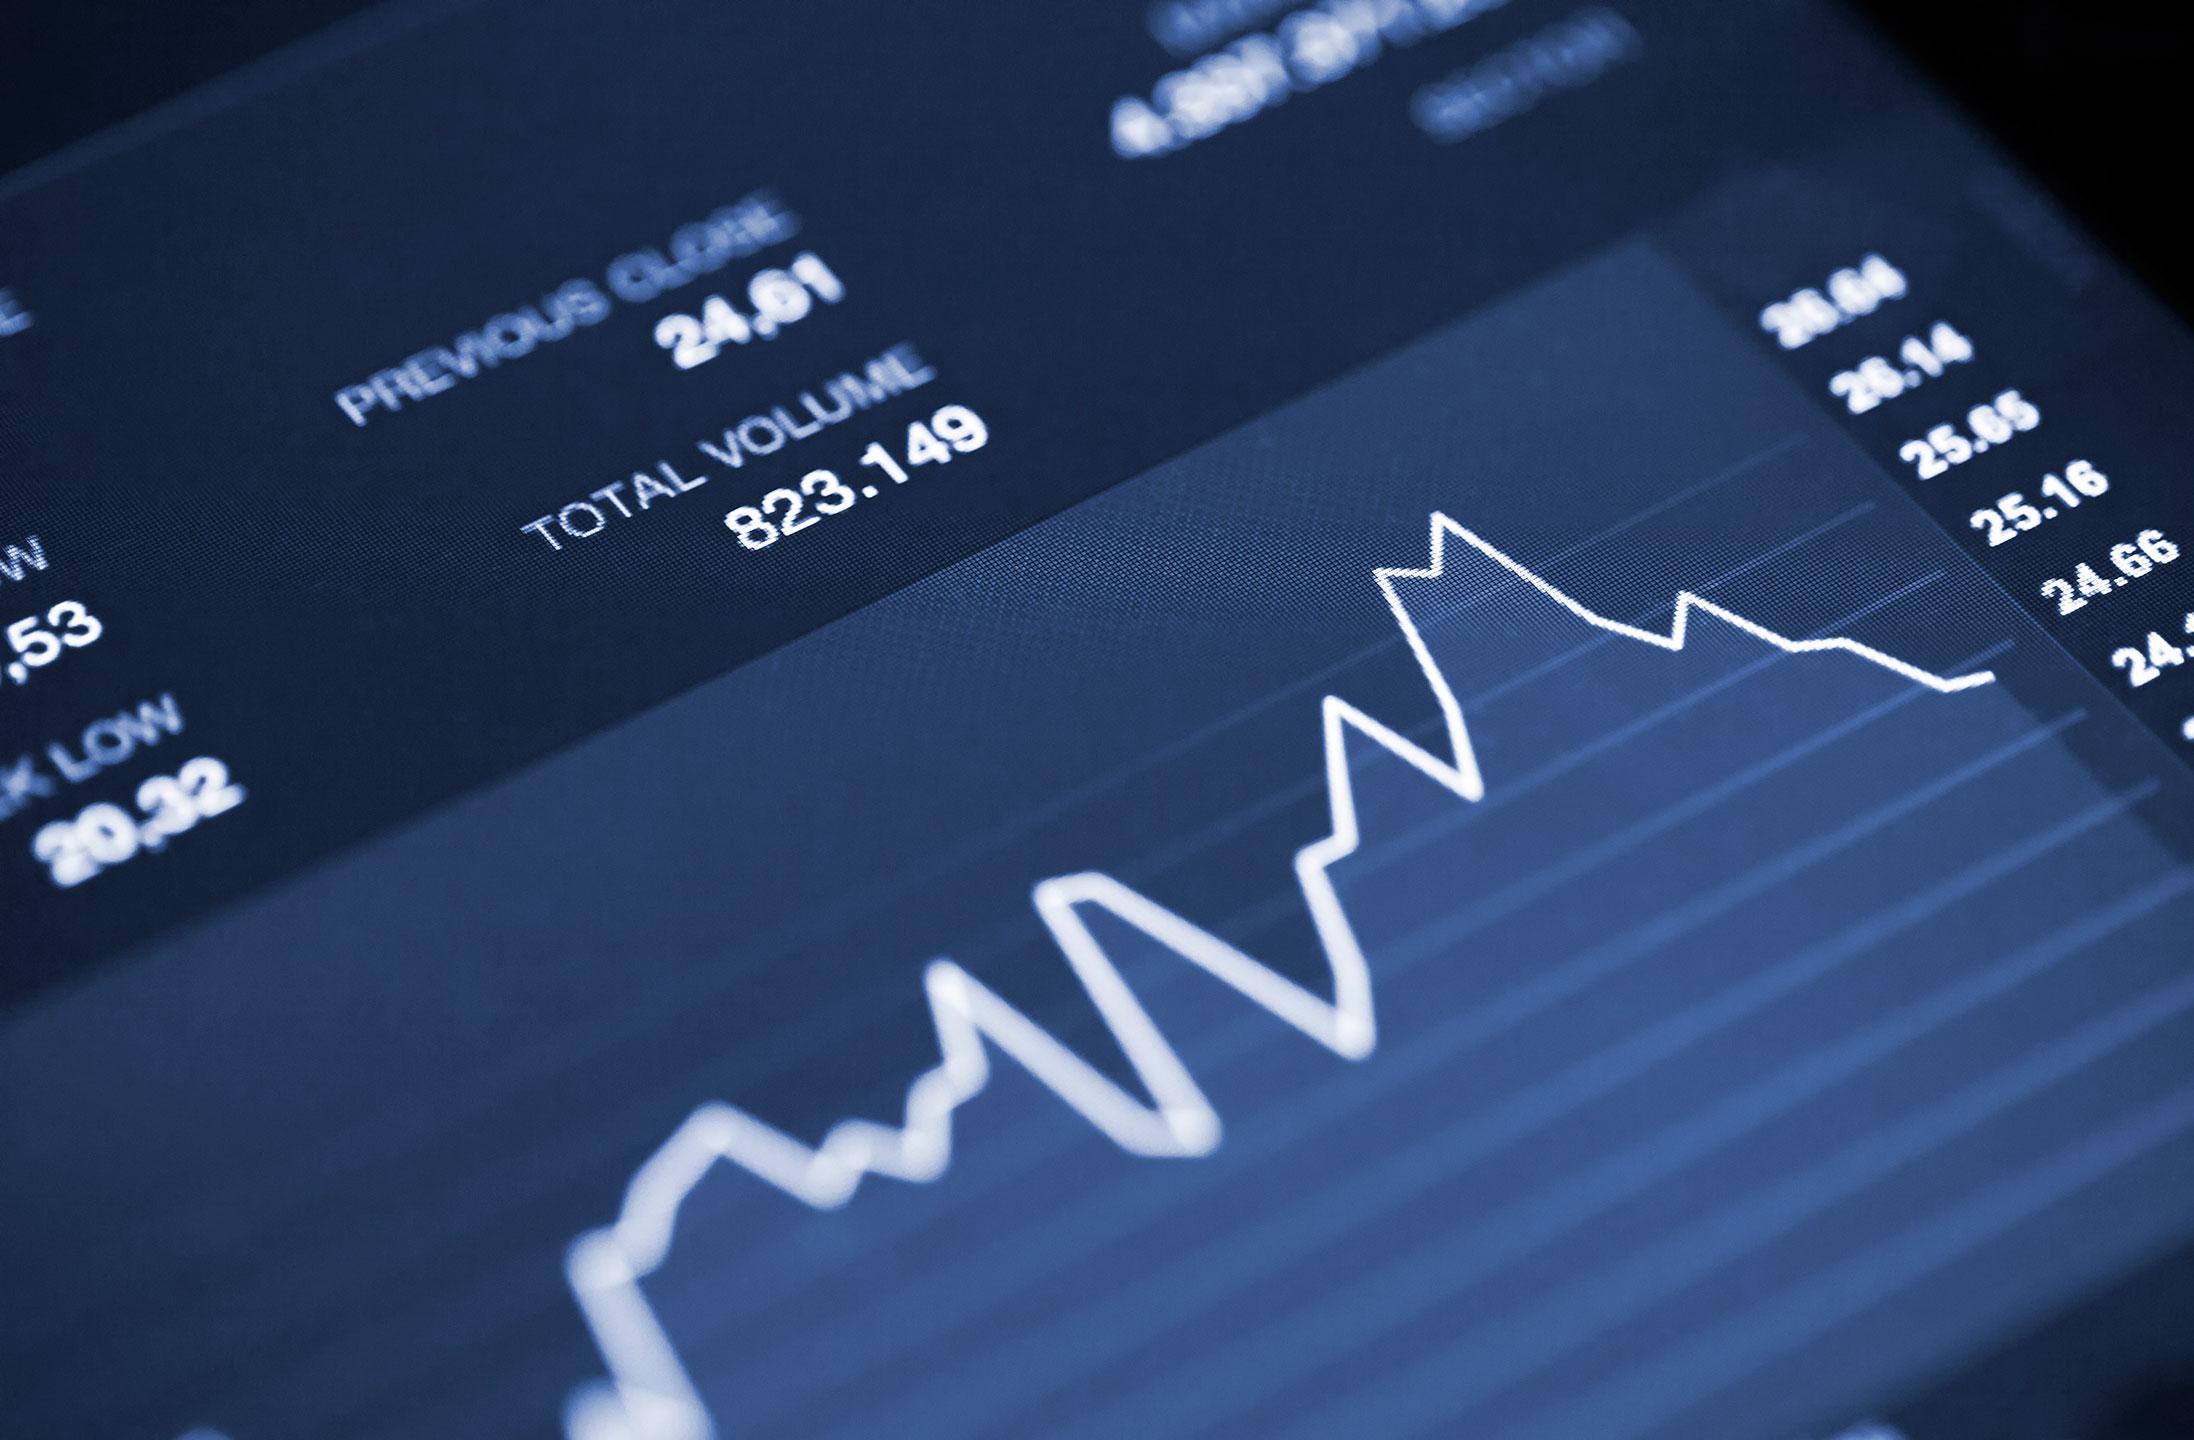 Investēšana un tirdzniecība finanšu instrumentu tirgos